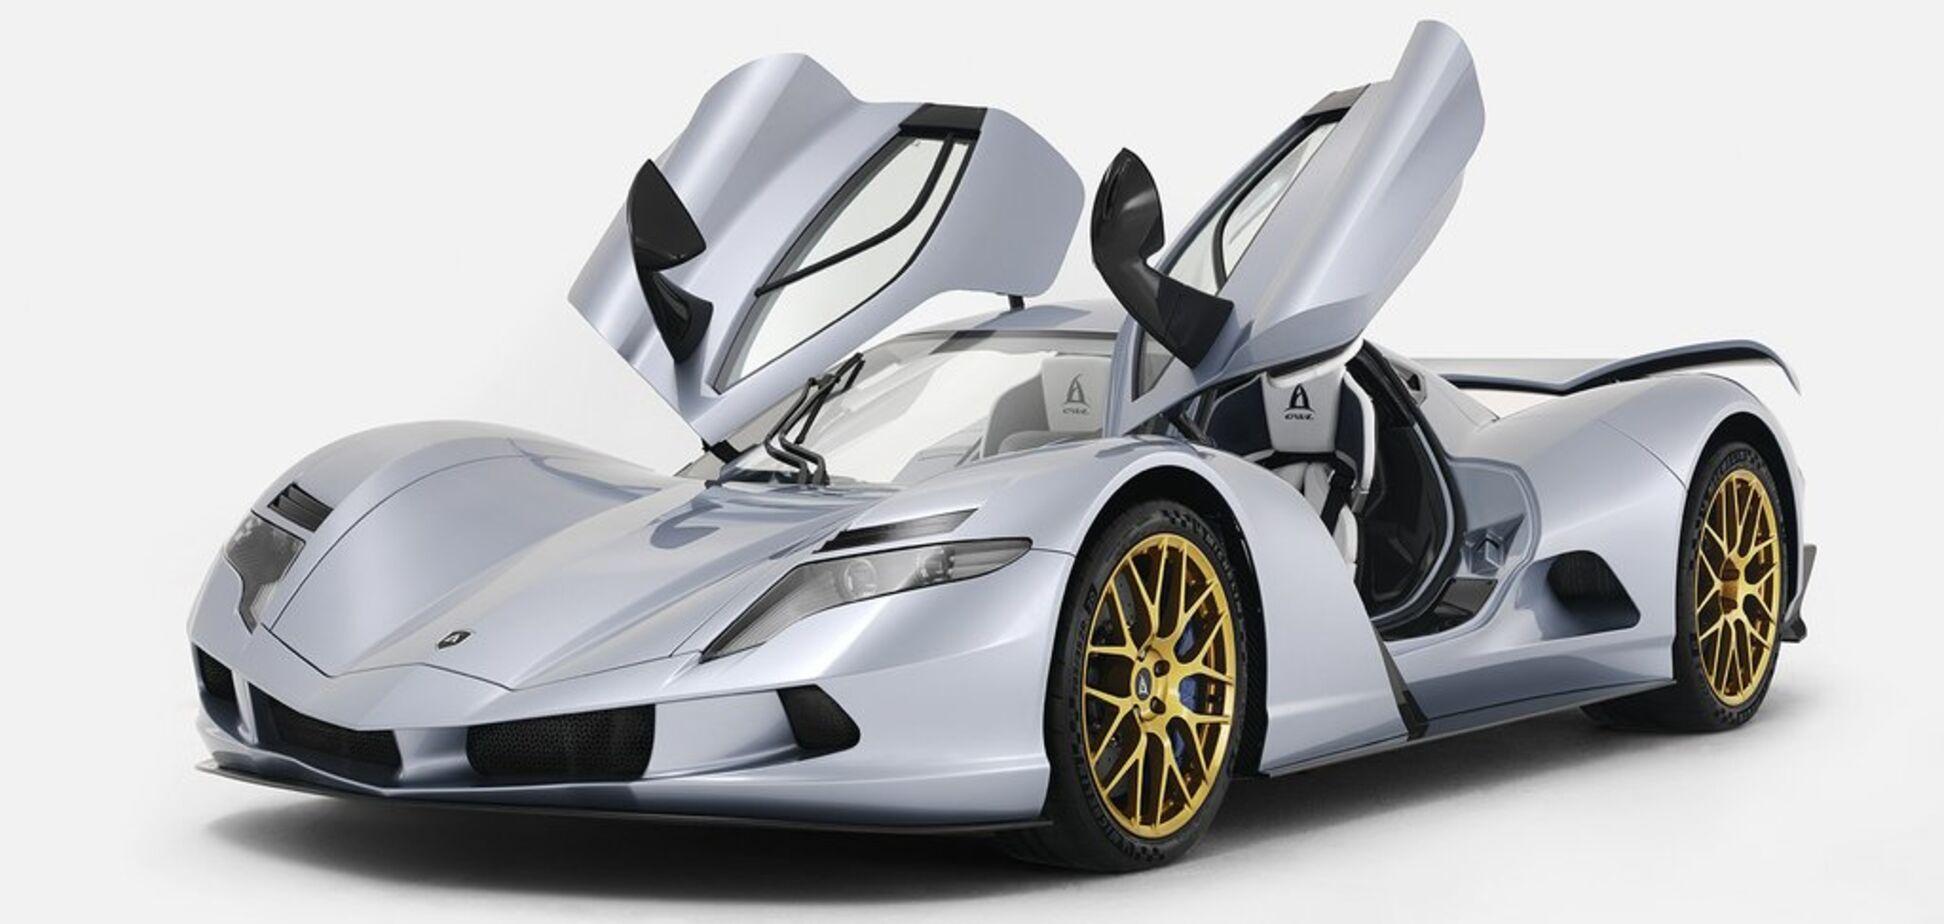 Невероятный электромобиль оценили в 2,9 млн евро